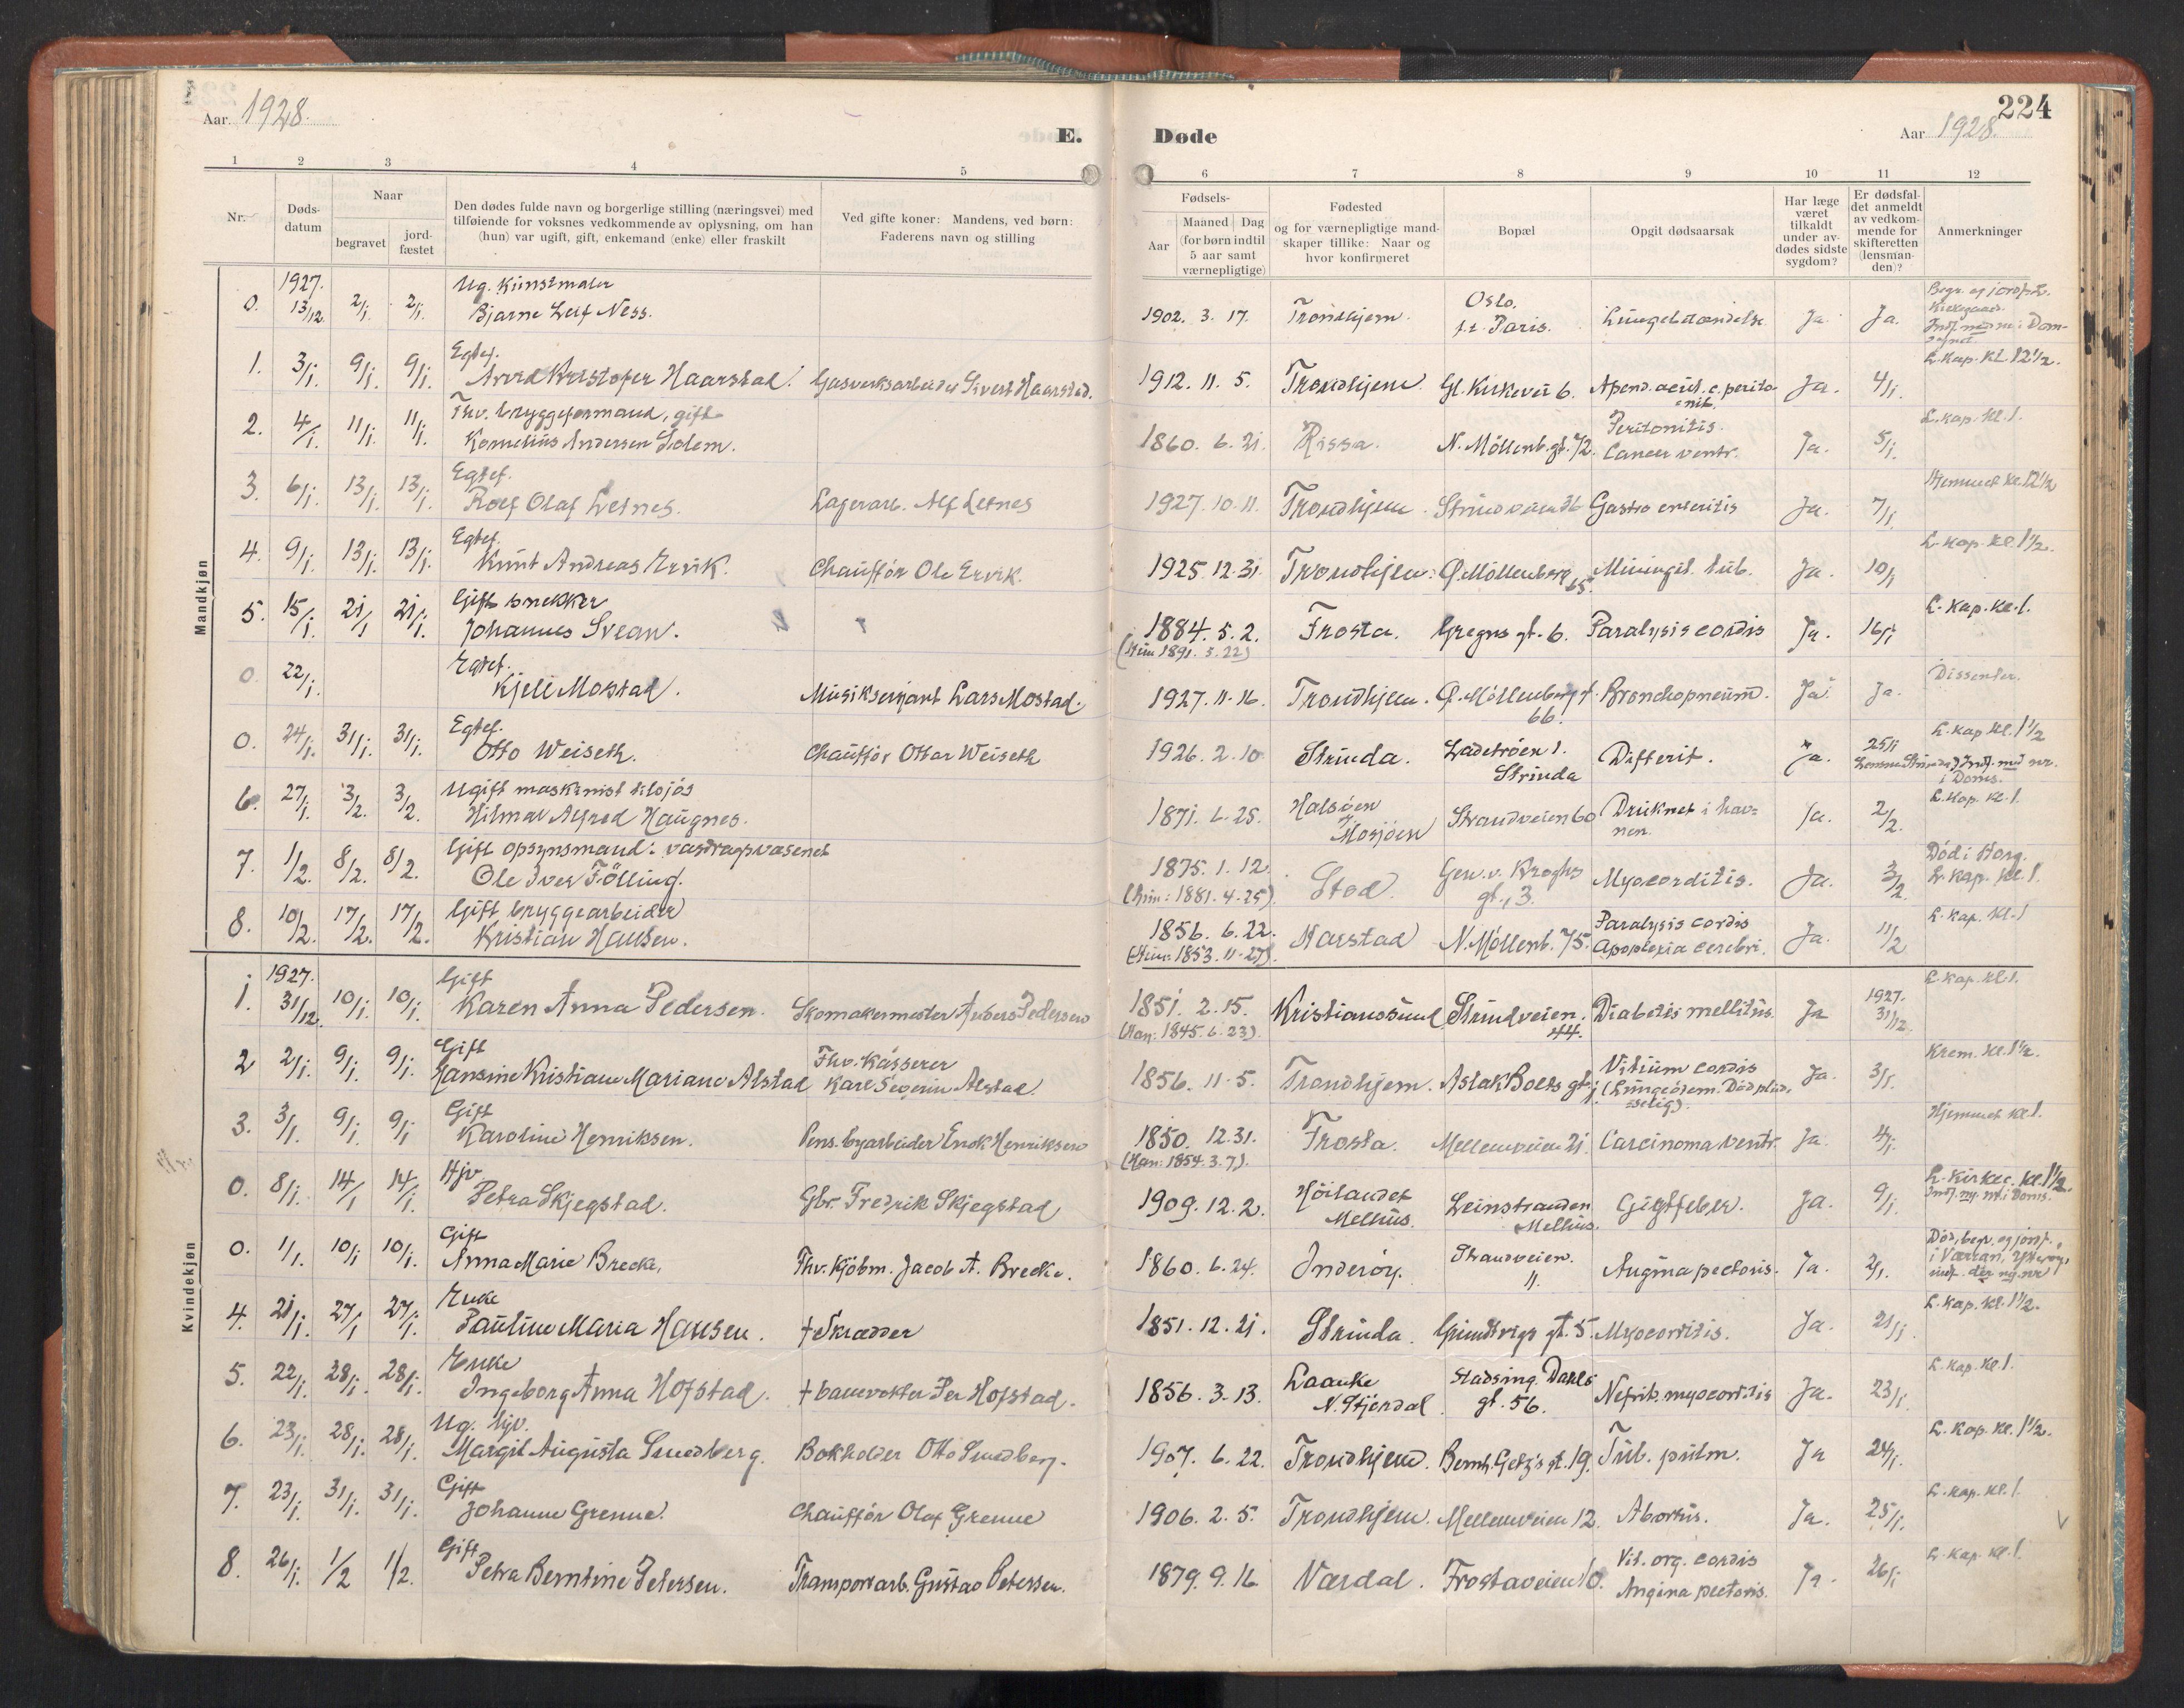 SAT, Ministerialprotokoller, klokkerbøker og fødselsregistre - Sør-Trøndelag, 605/L0245: Ministerialbok nr. 605A07, 1916-1938, s. 224